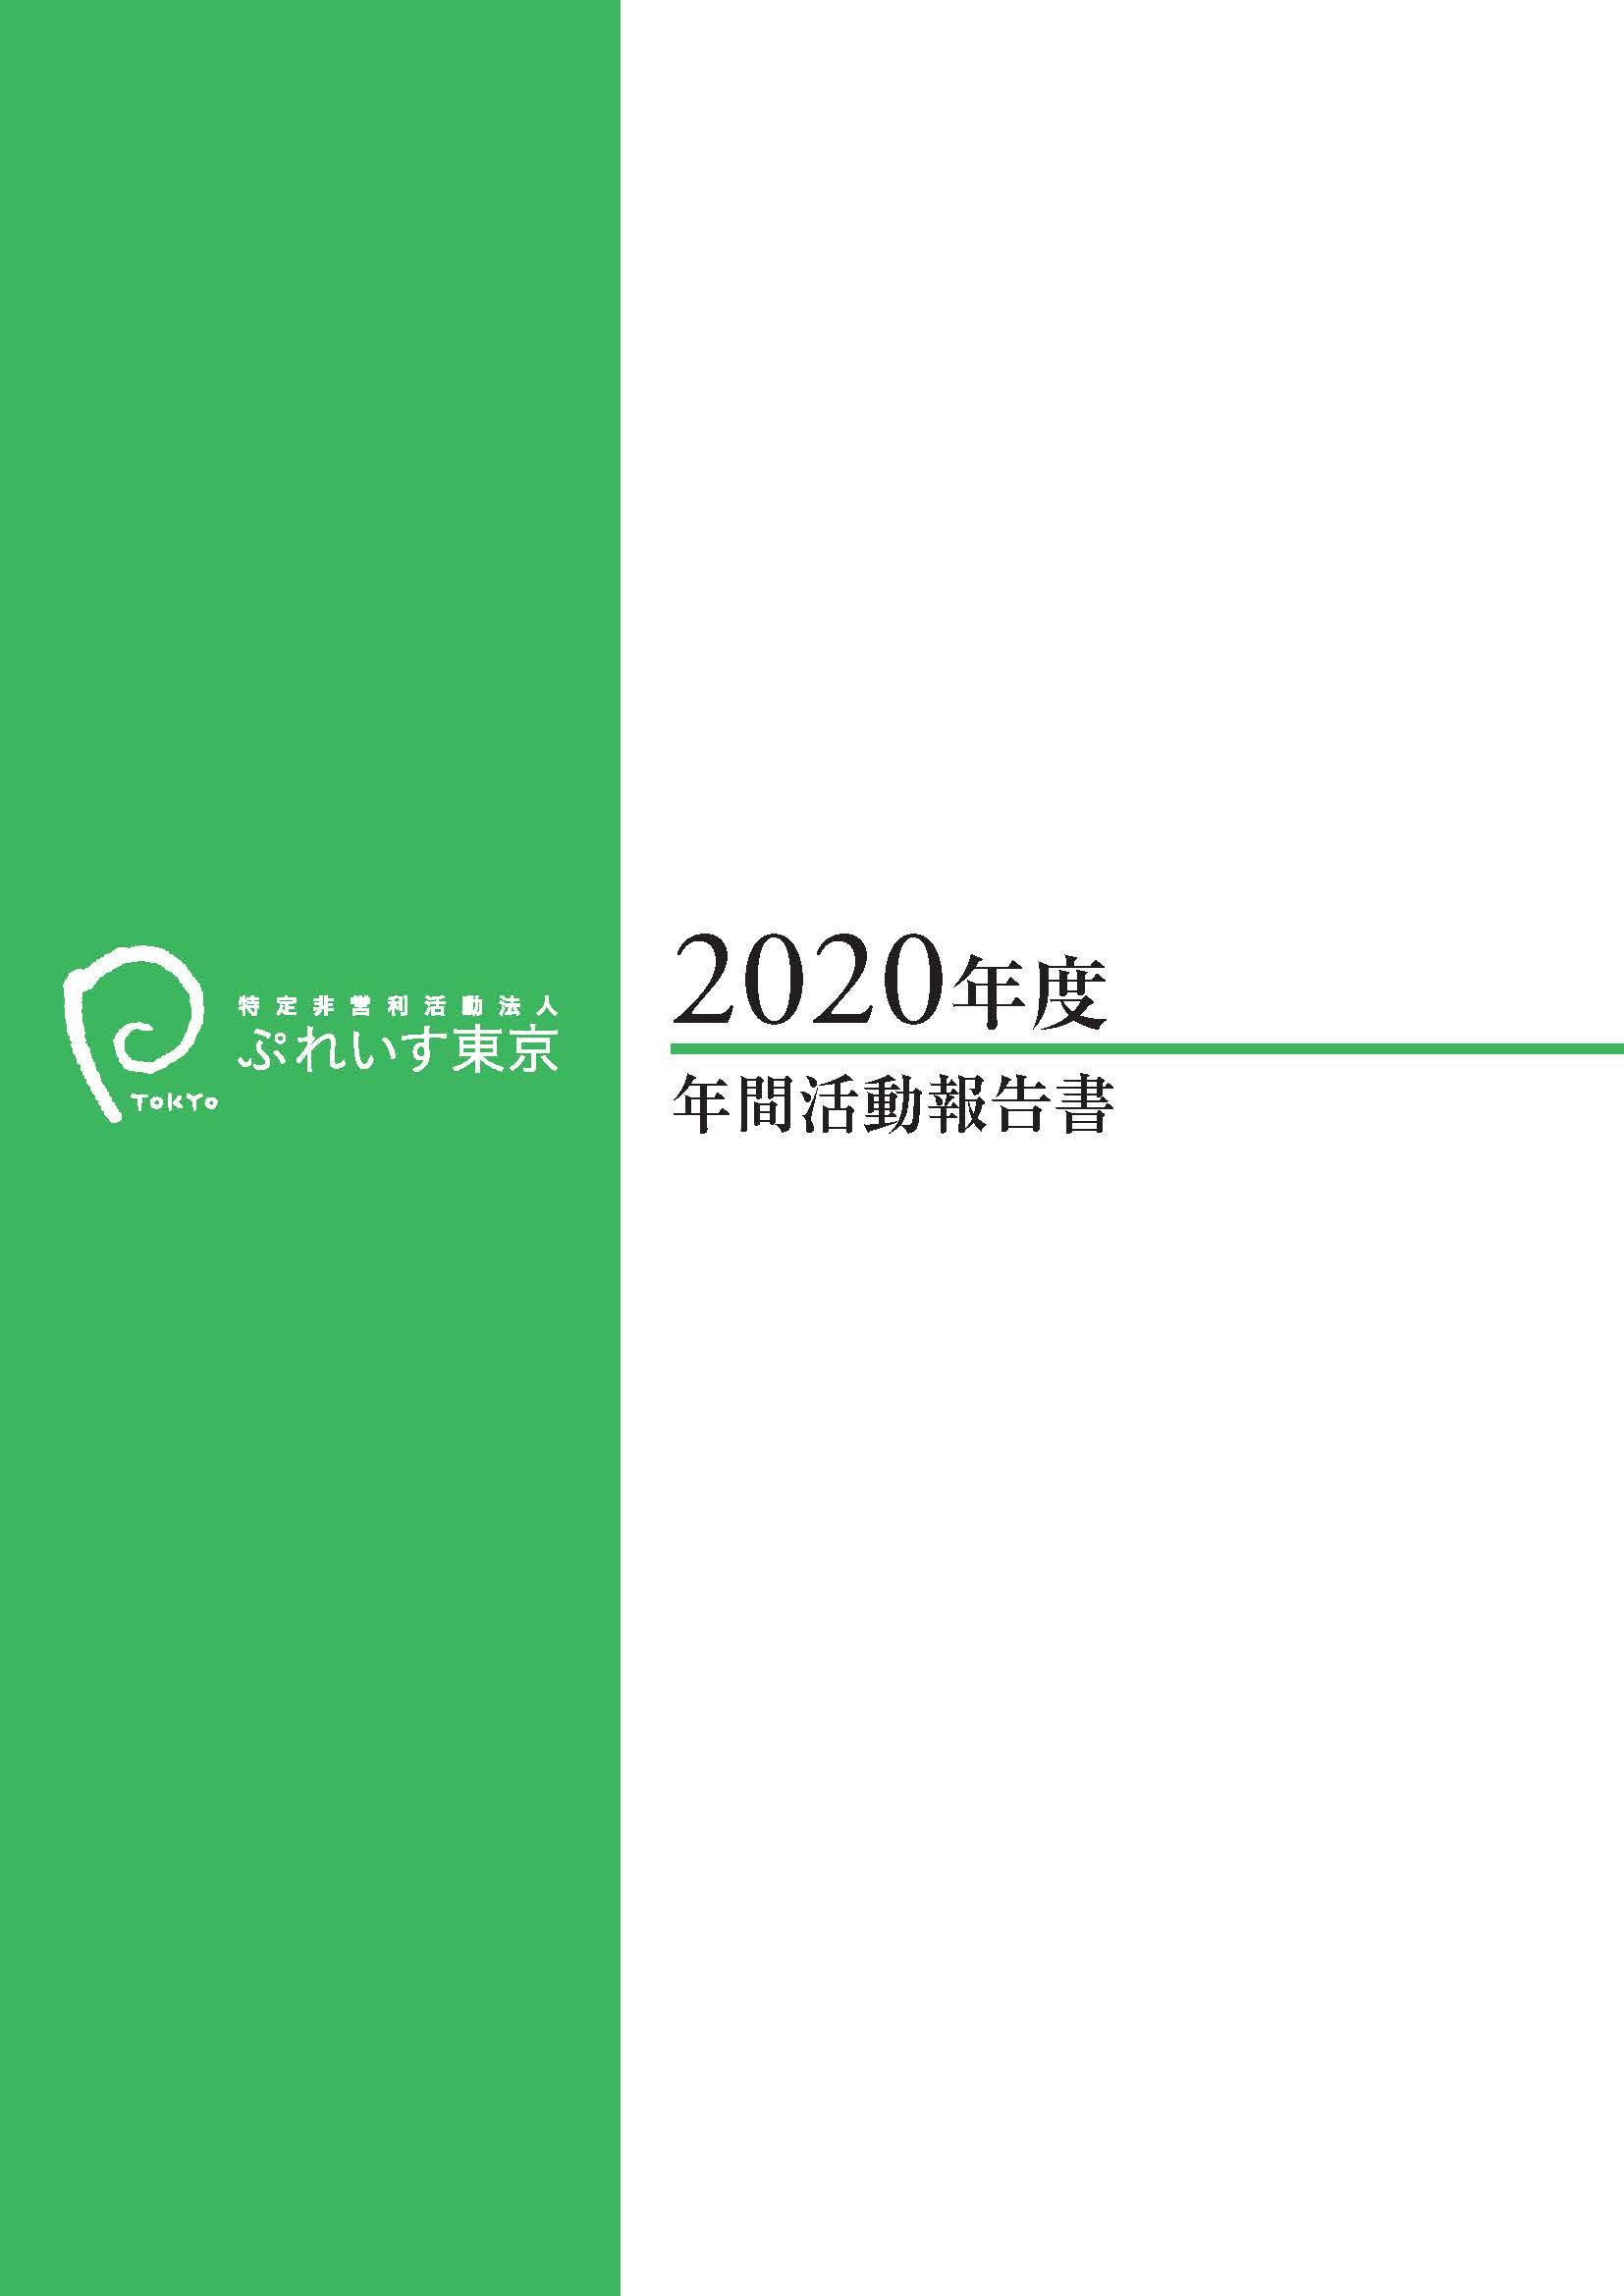 2020年度年間活動報告書表紙